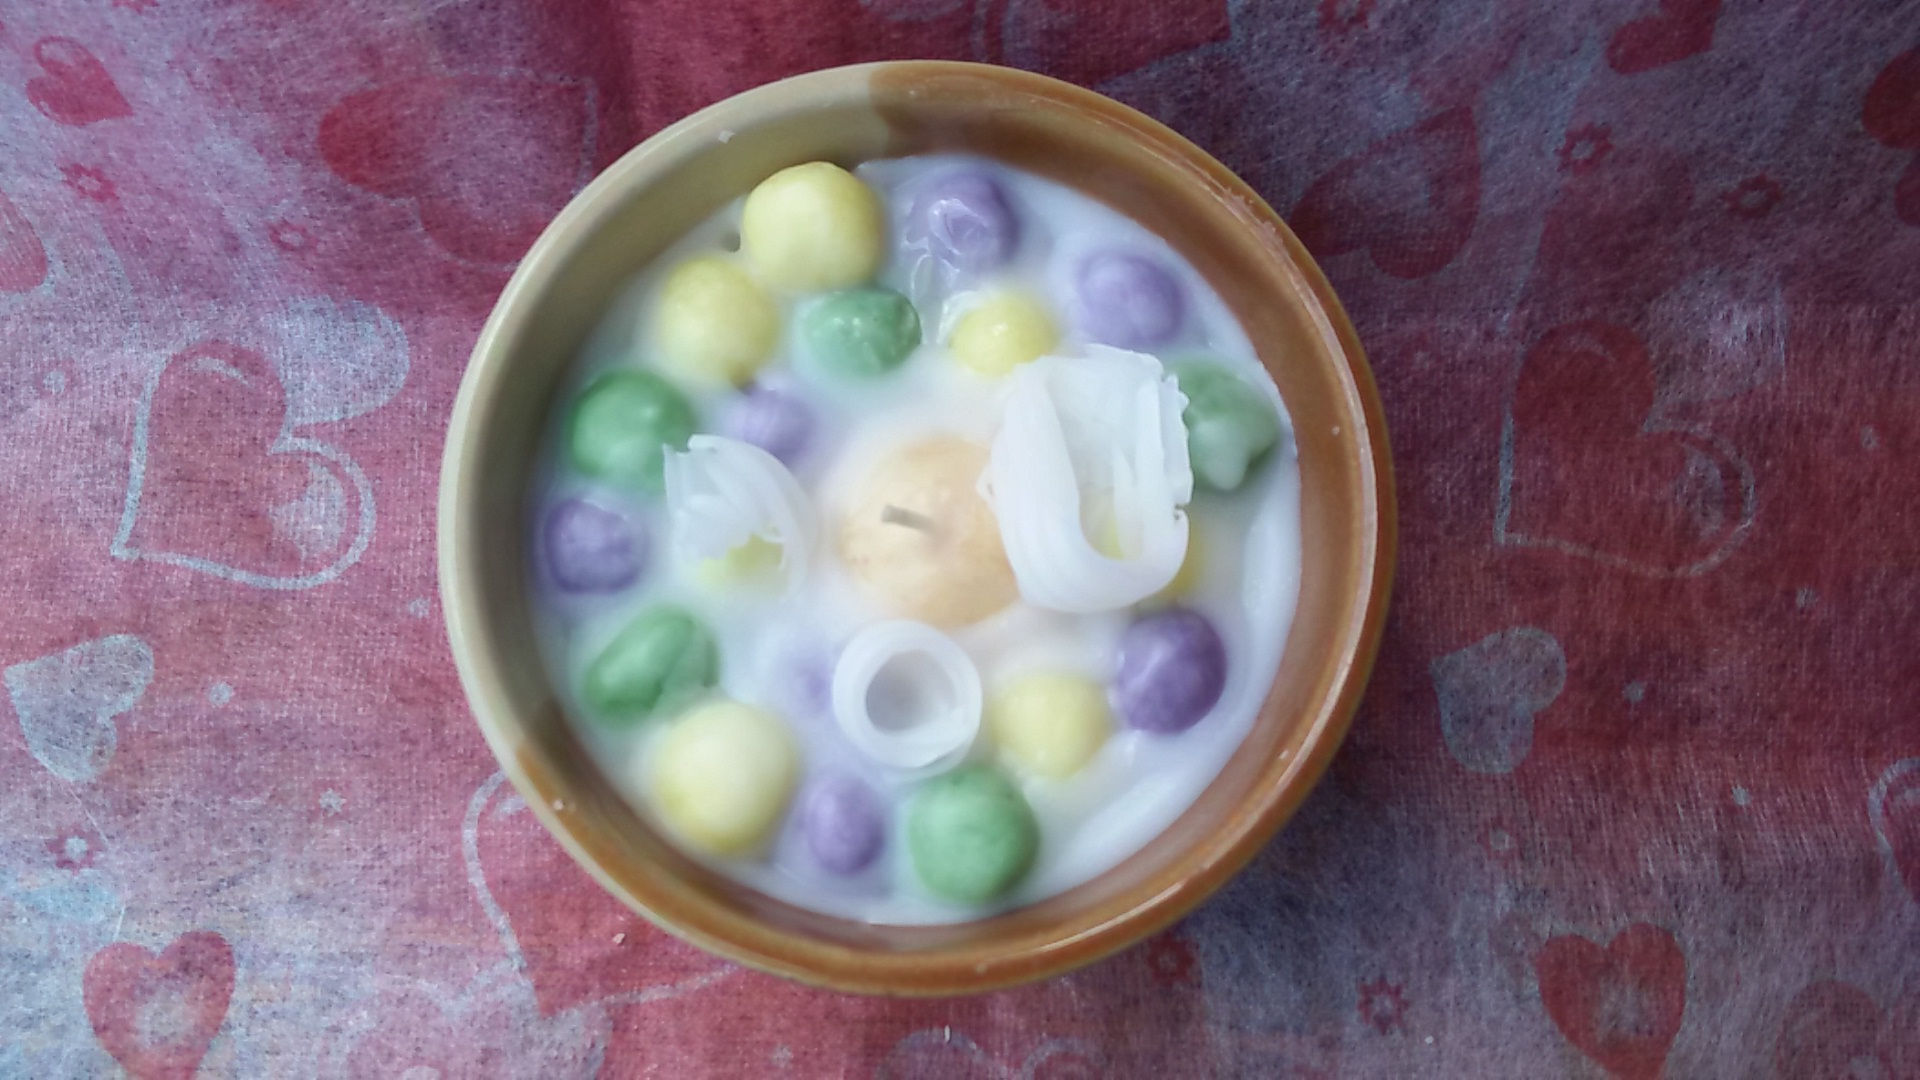 เทียนบัวลอยไข่หวานในถ้วยเซรามิกทึบ